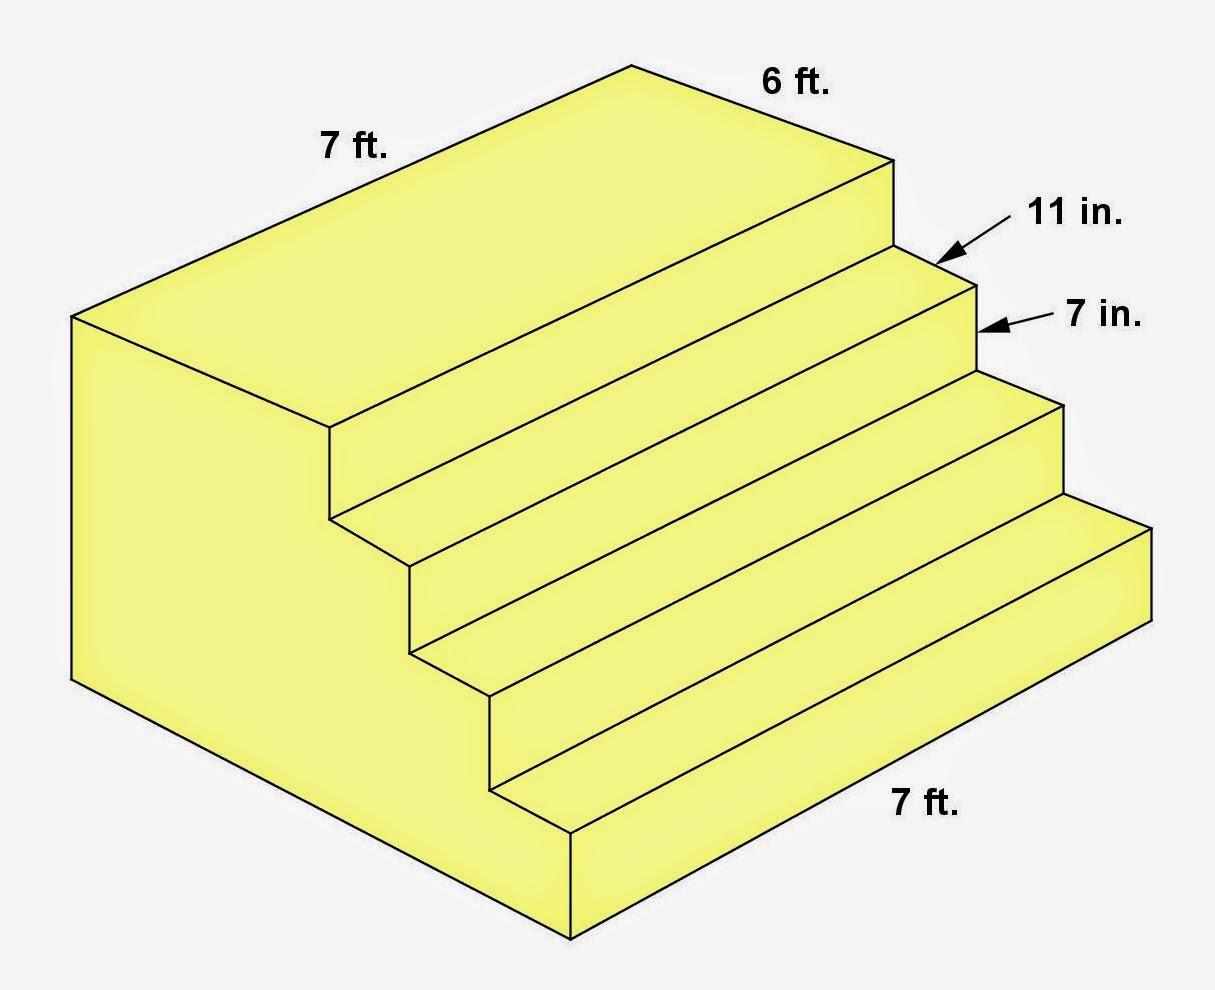 Math Principles Rectangular Parallelepiped Problem 10